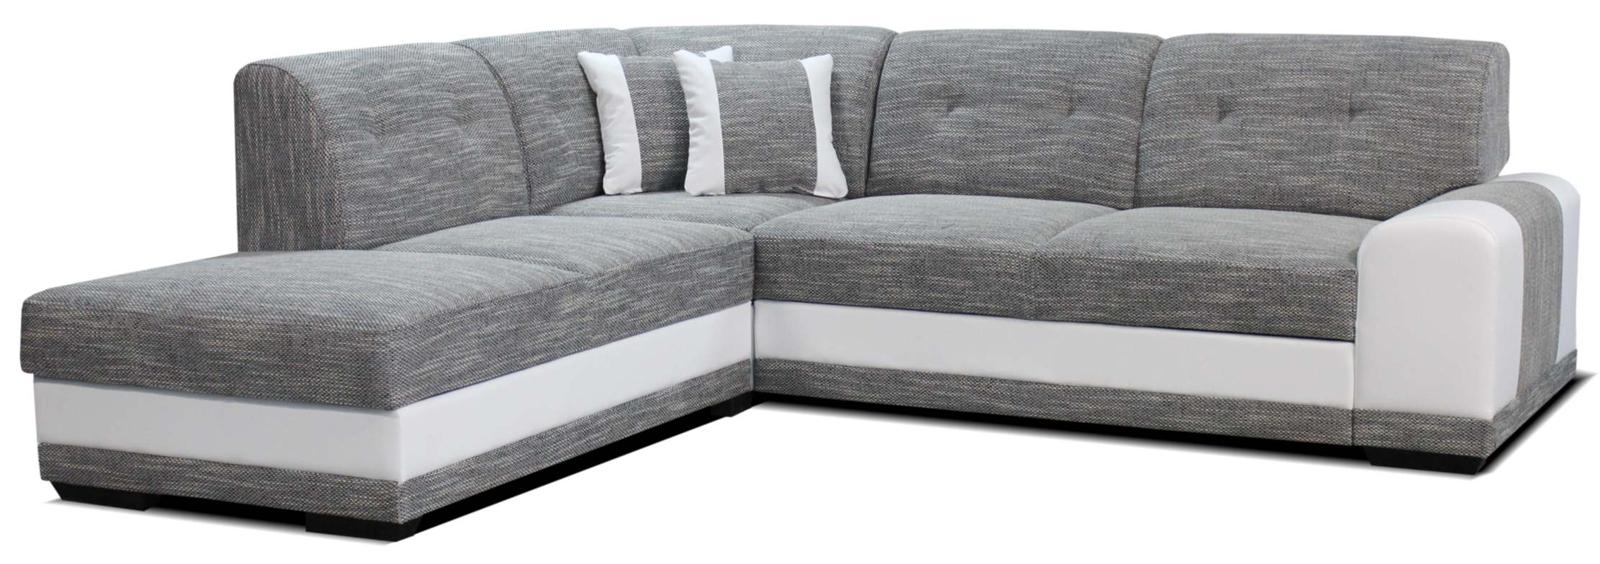 Rohová sedací souprava - Po-Sed - Bella Lux L+2F (šedá + bílá) (L)